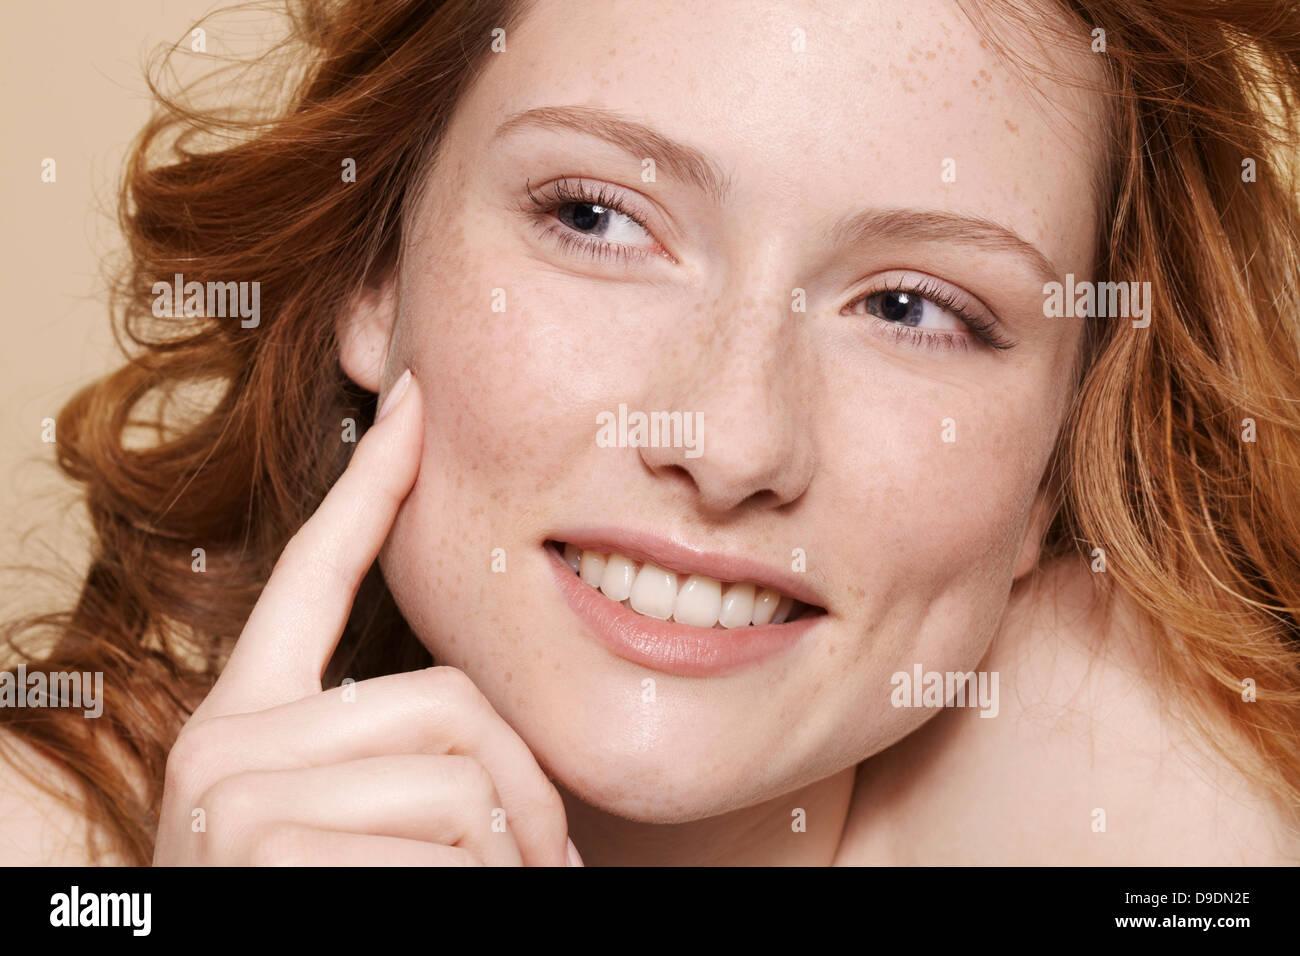 Studioaufnahme der jungen Frau mit lockigen roten Haaren, hand am Kinn zeigen Stockbild